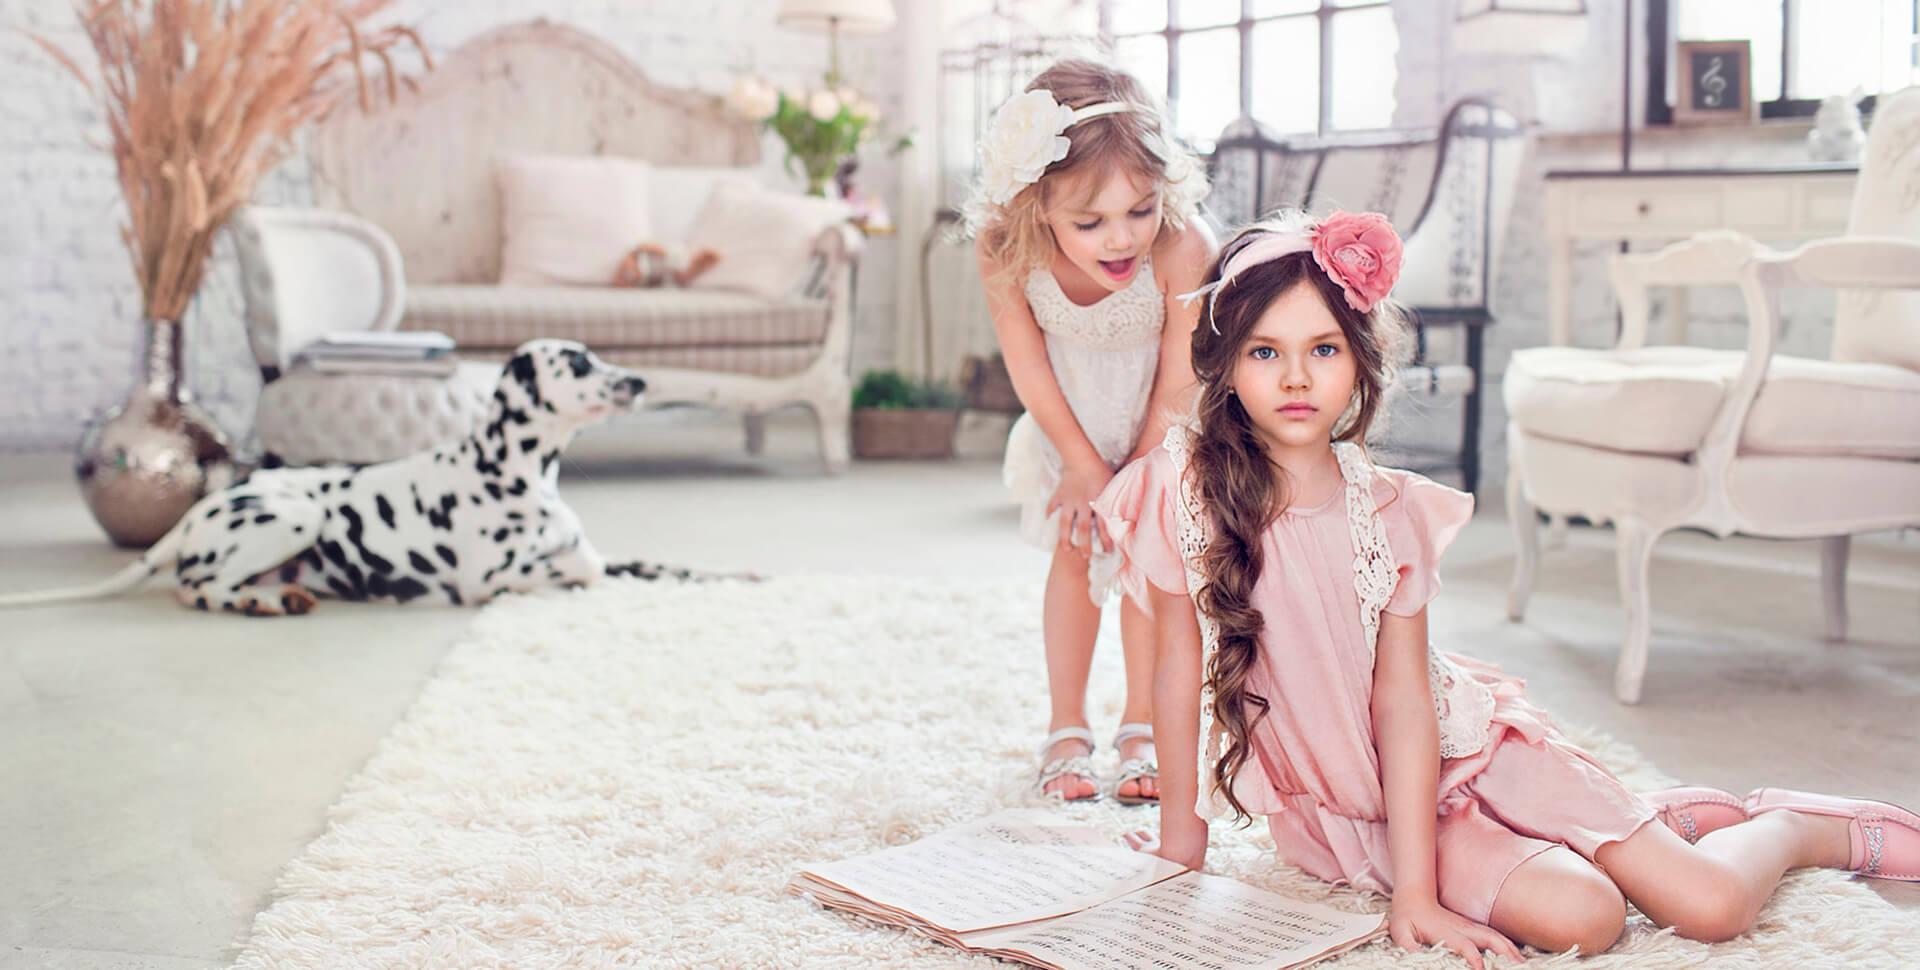 фотосессия с детьми иркутск фотографиях